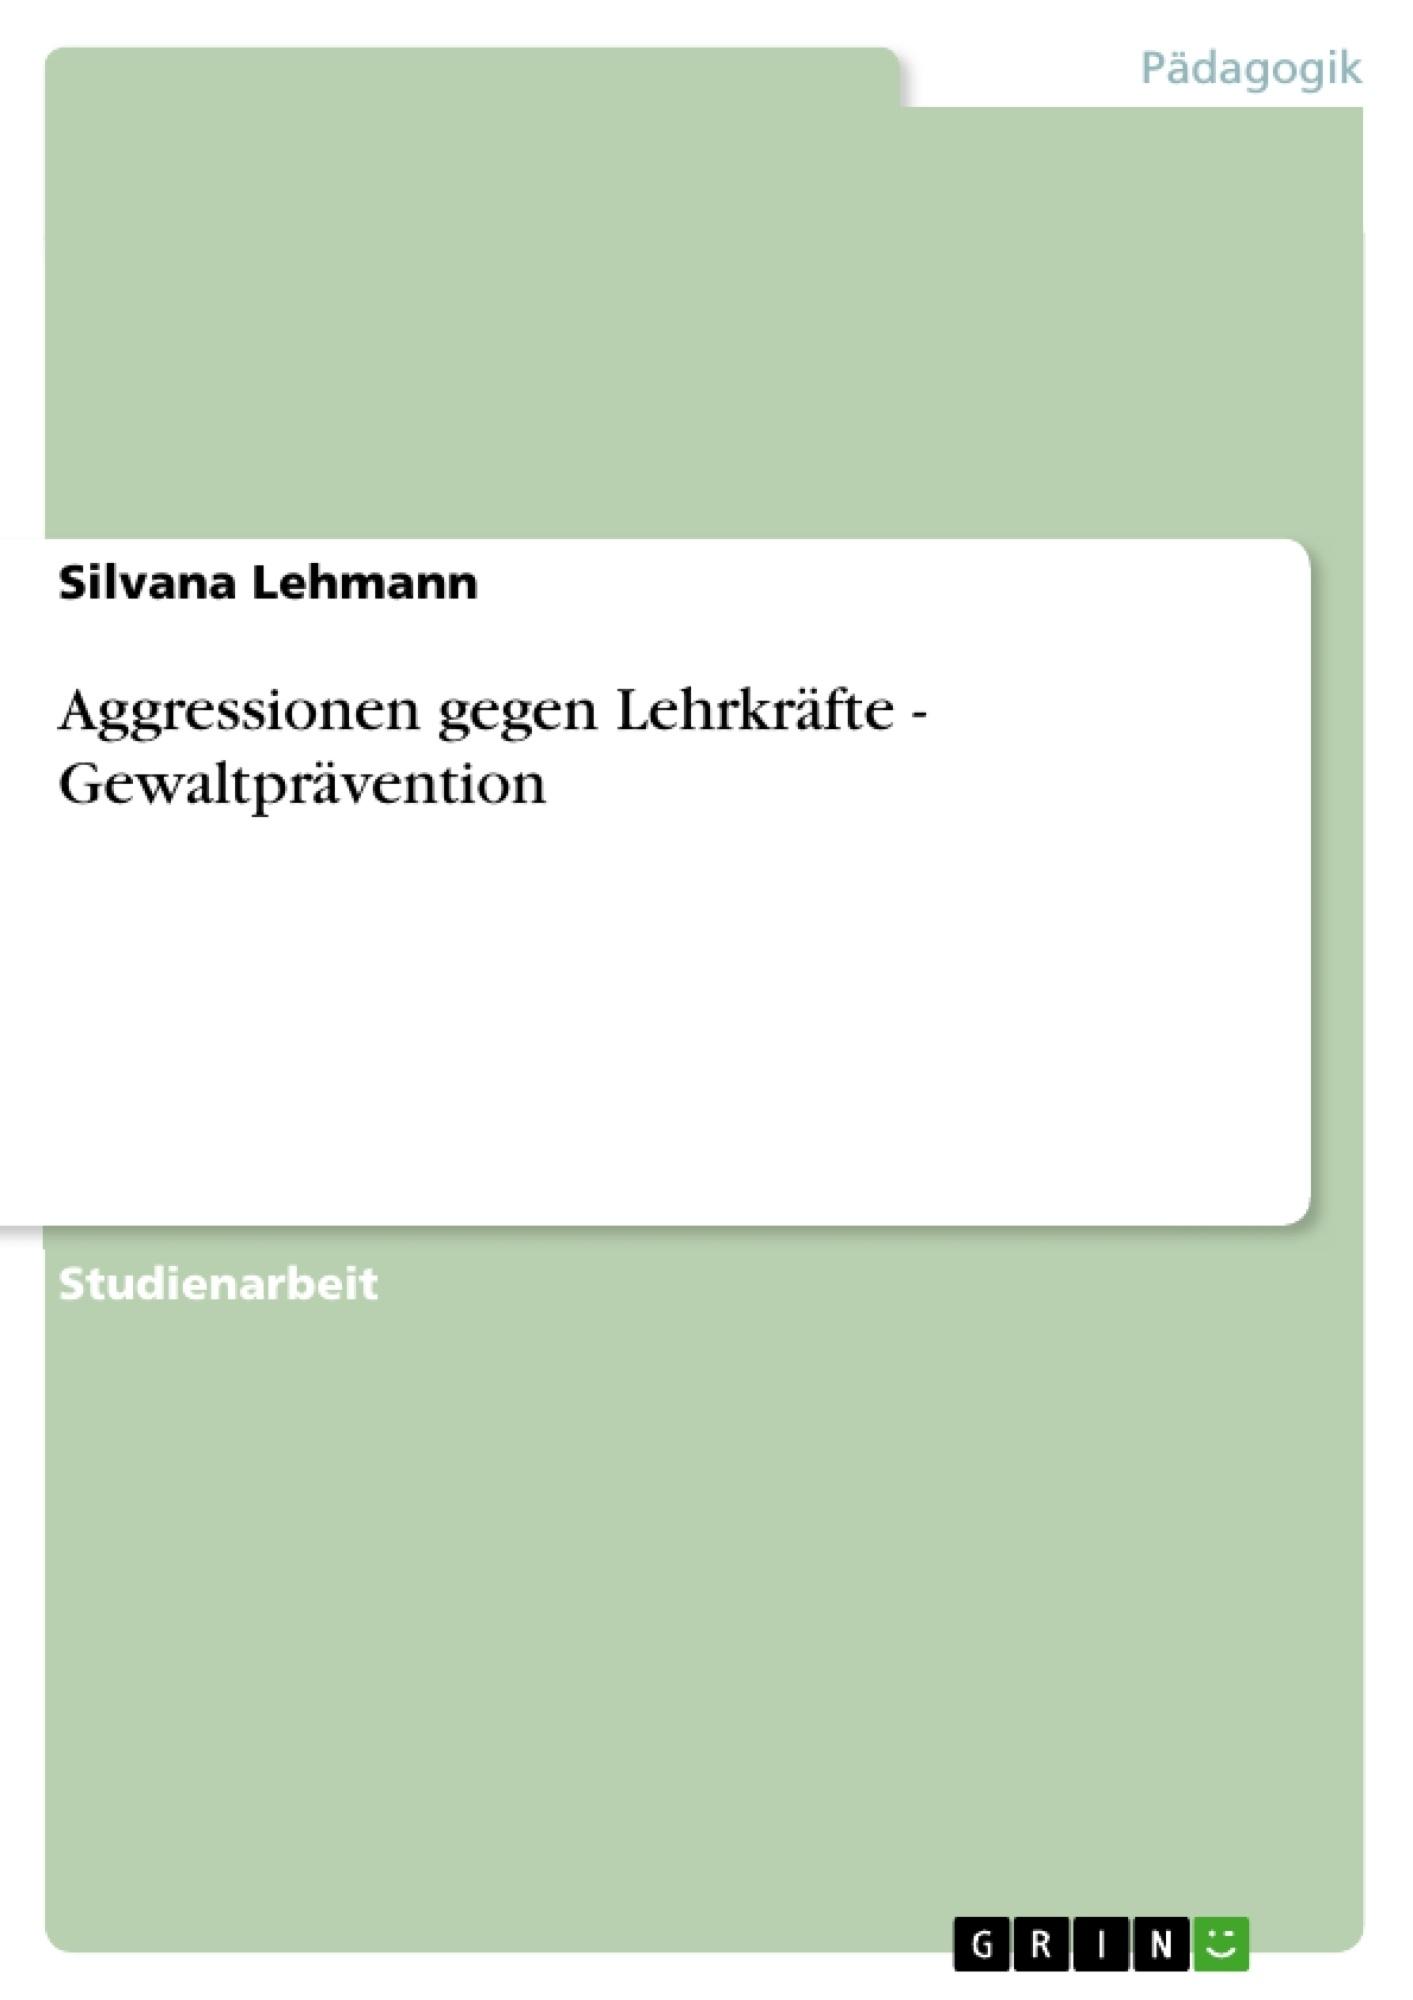 Titel: Aggressionen gegen Lehrkräfte - Gewaltprävention